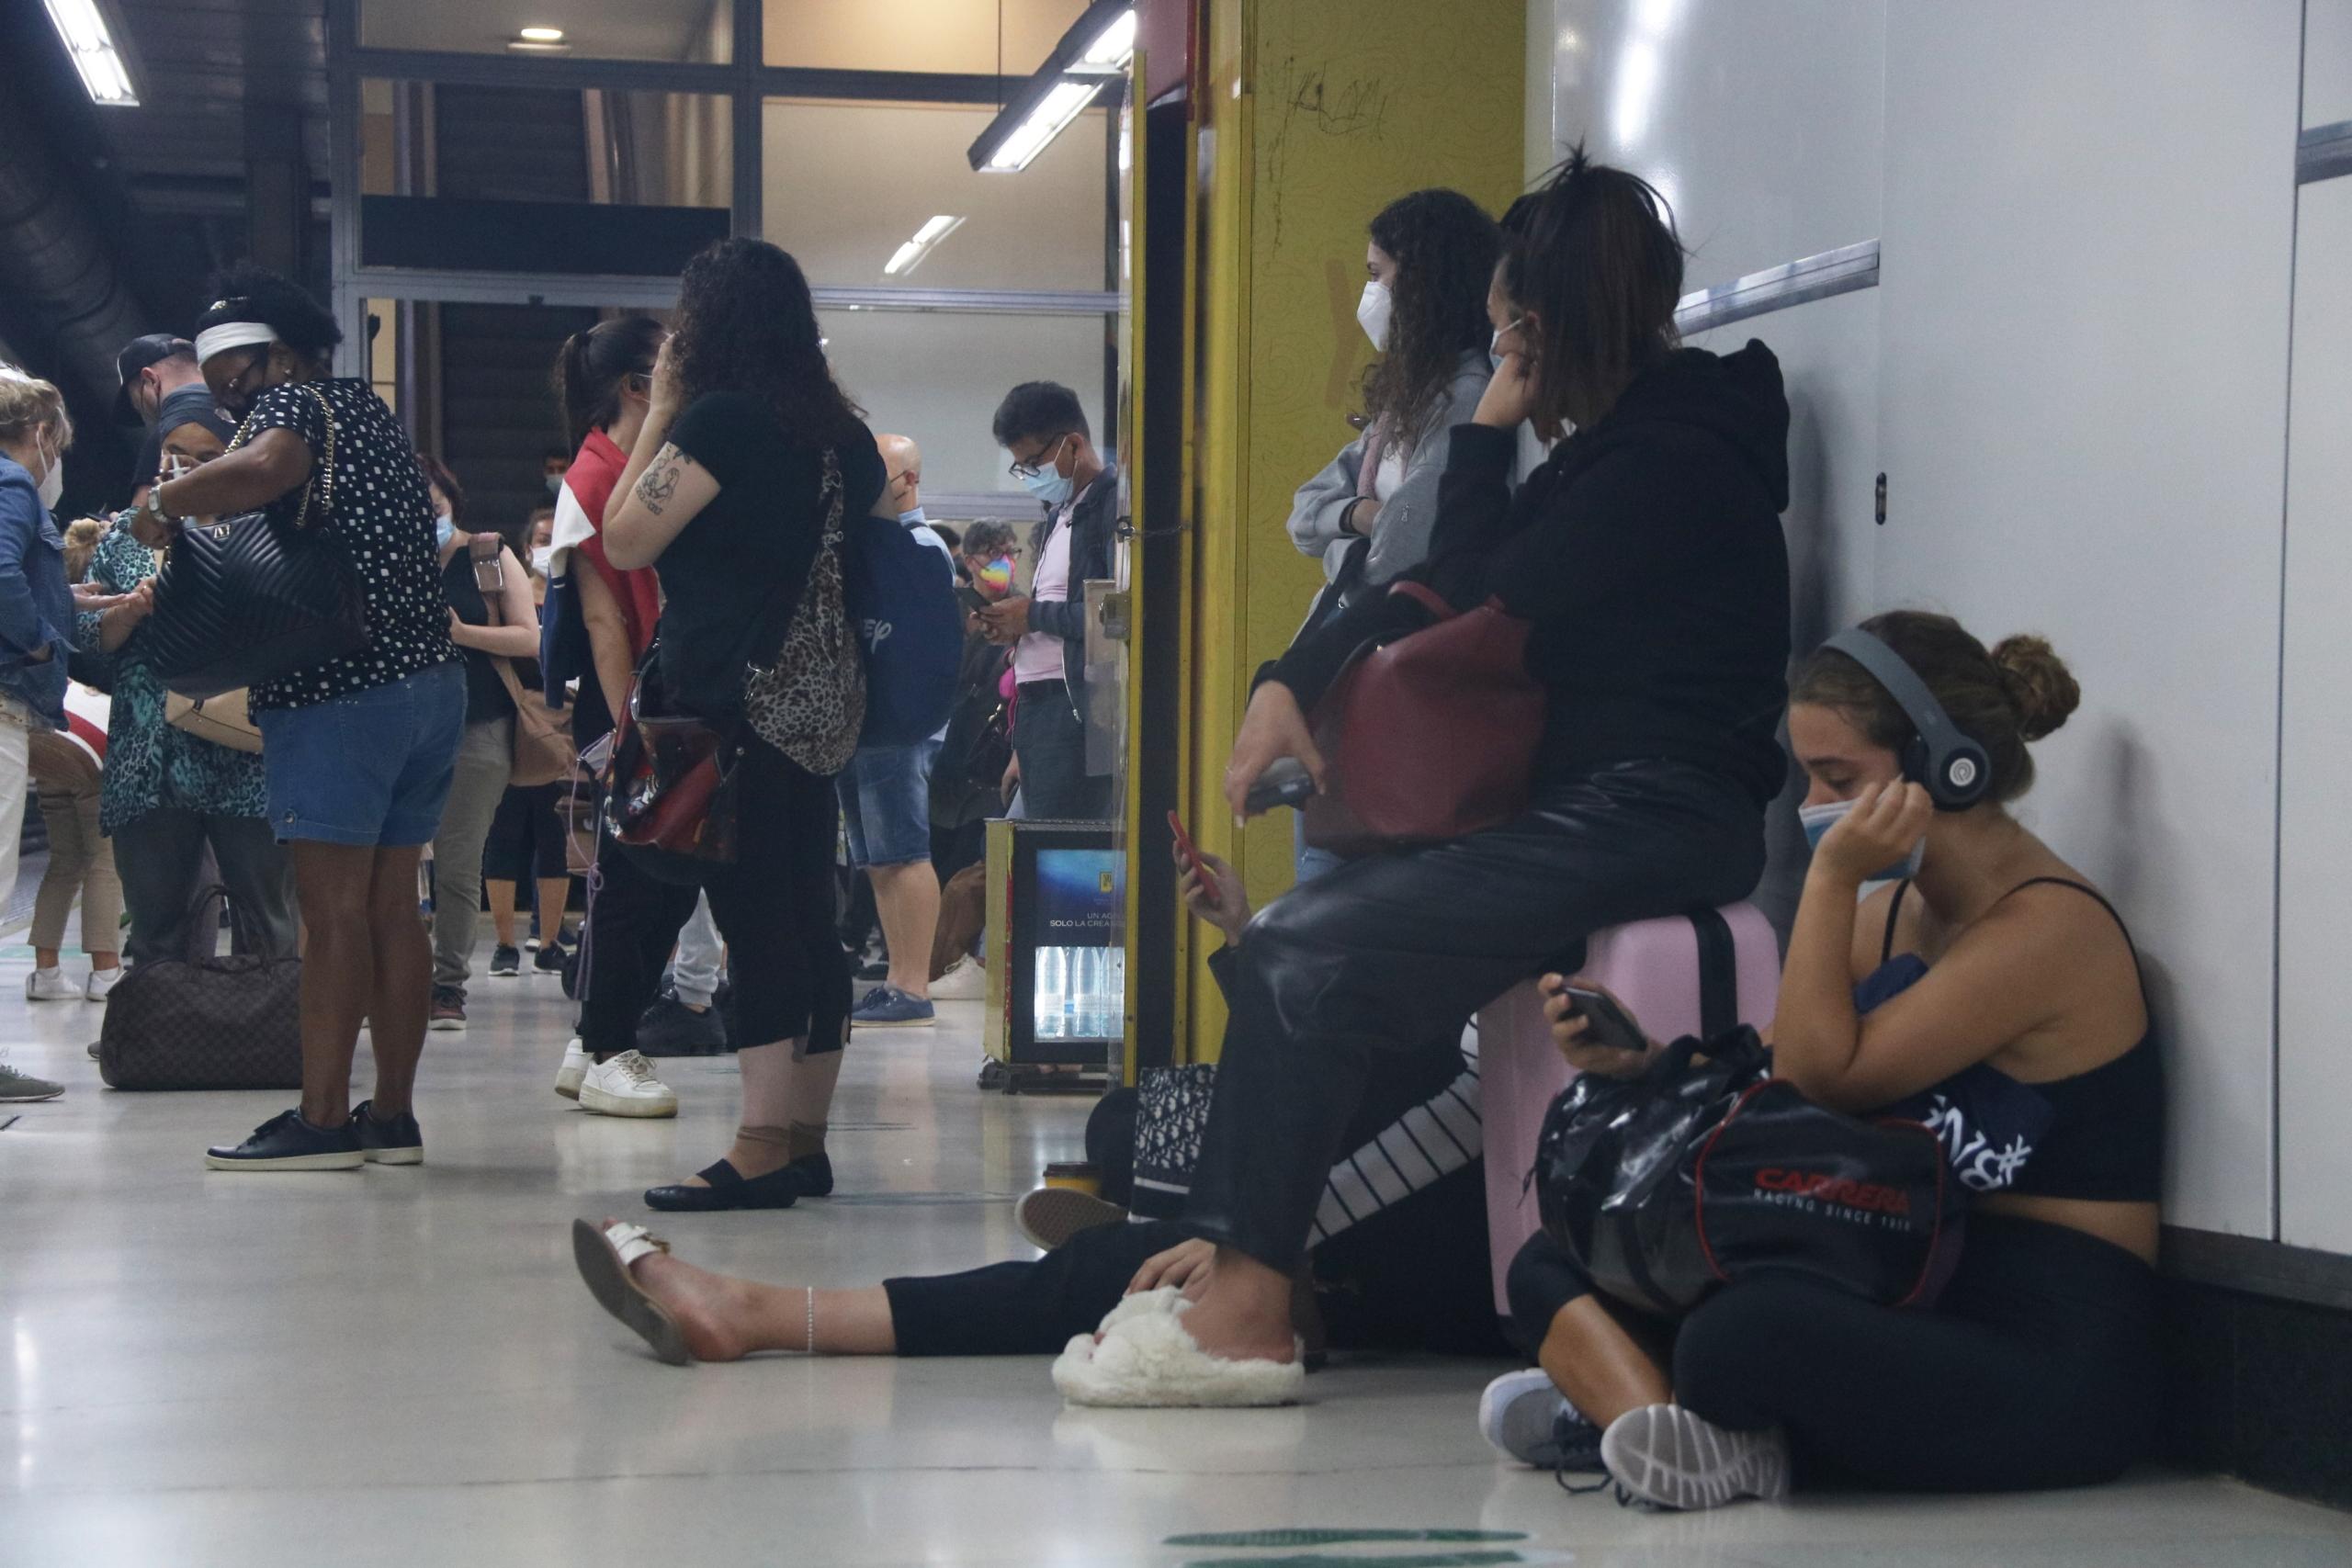 Diversos passatgers de Renfe esperant el seu tren a una de les andanes de l'estació de Sants / ACN